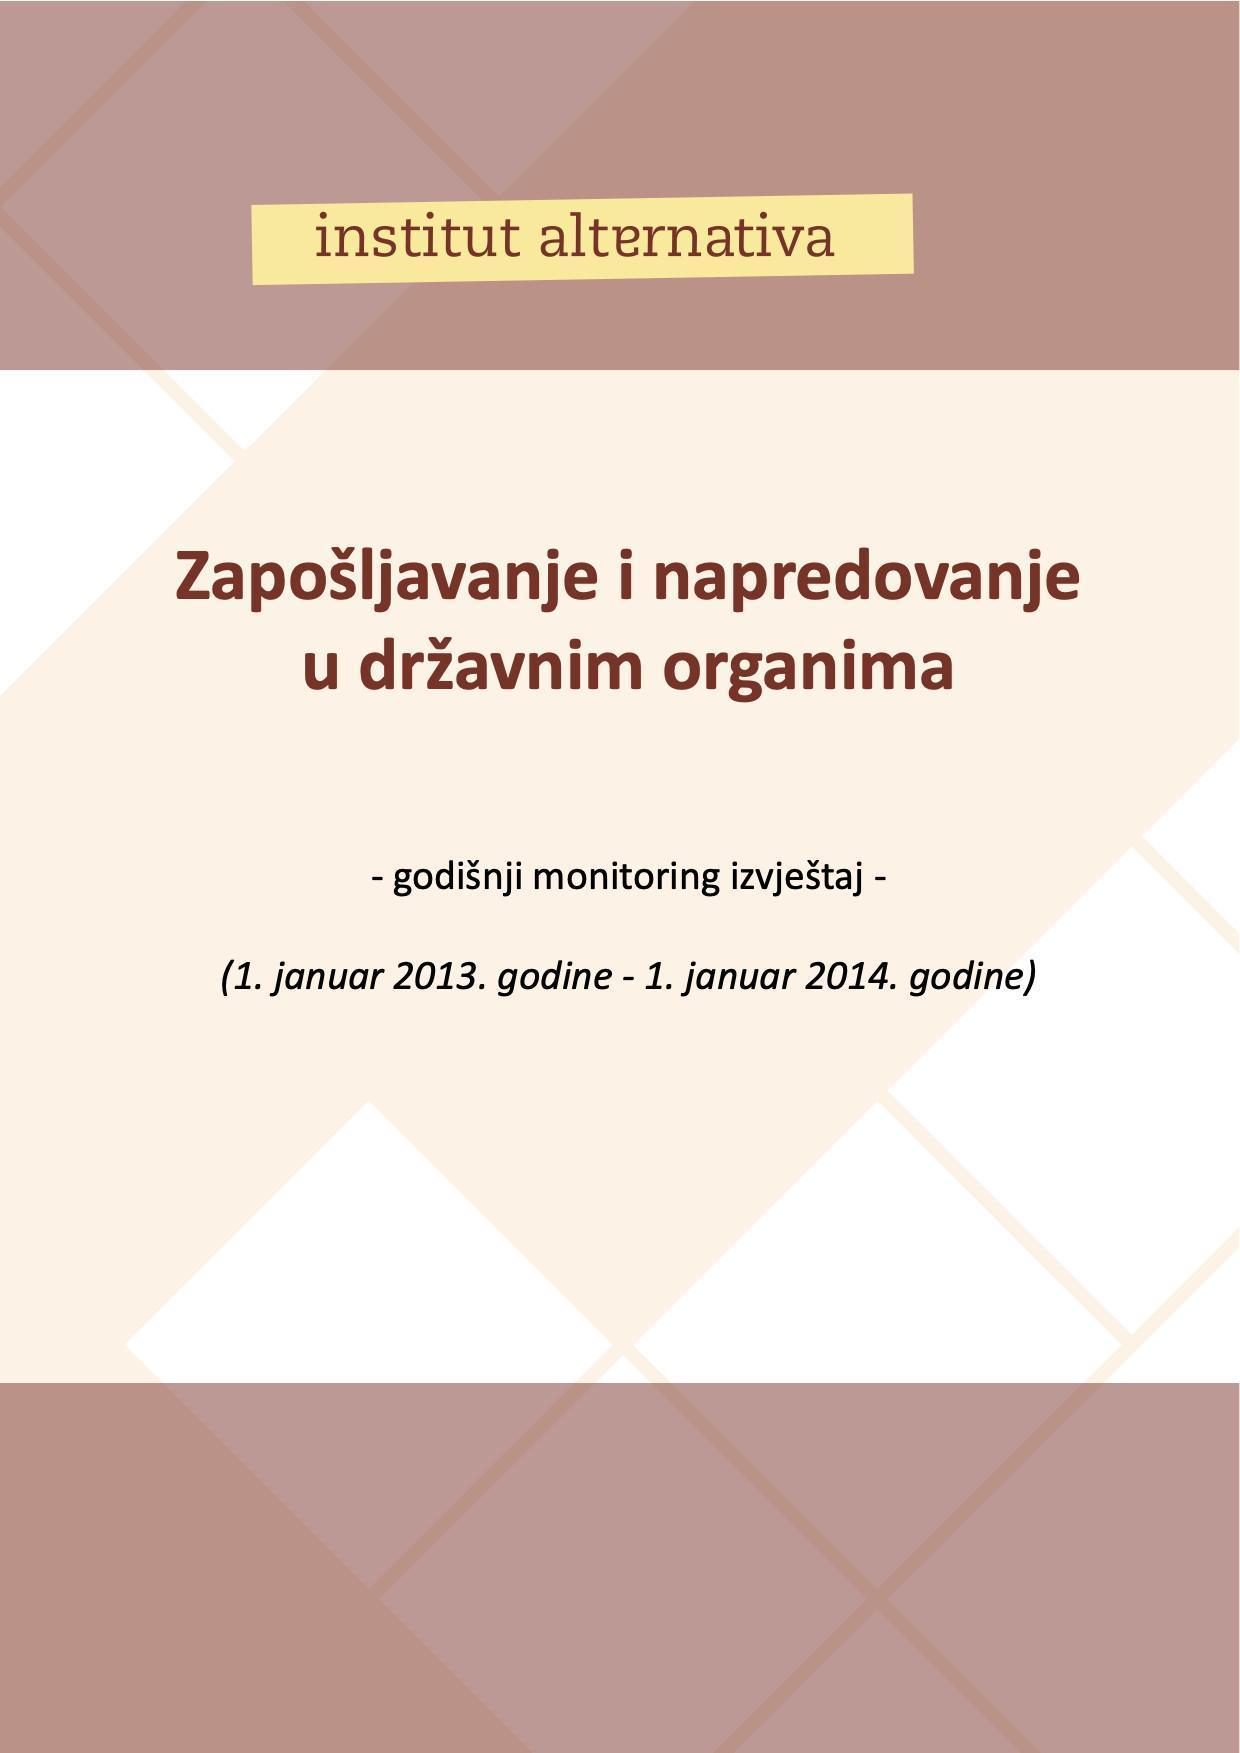 Godisnji-monitoring-izvjestaj-IA-2014